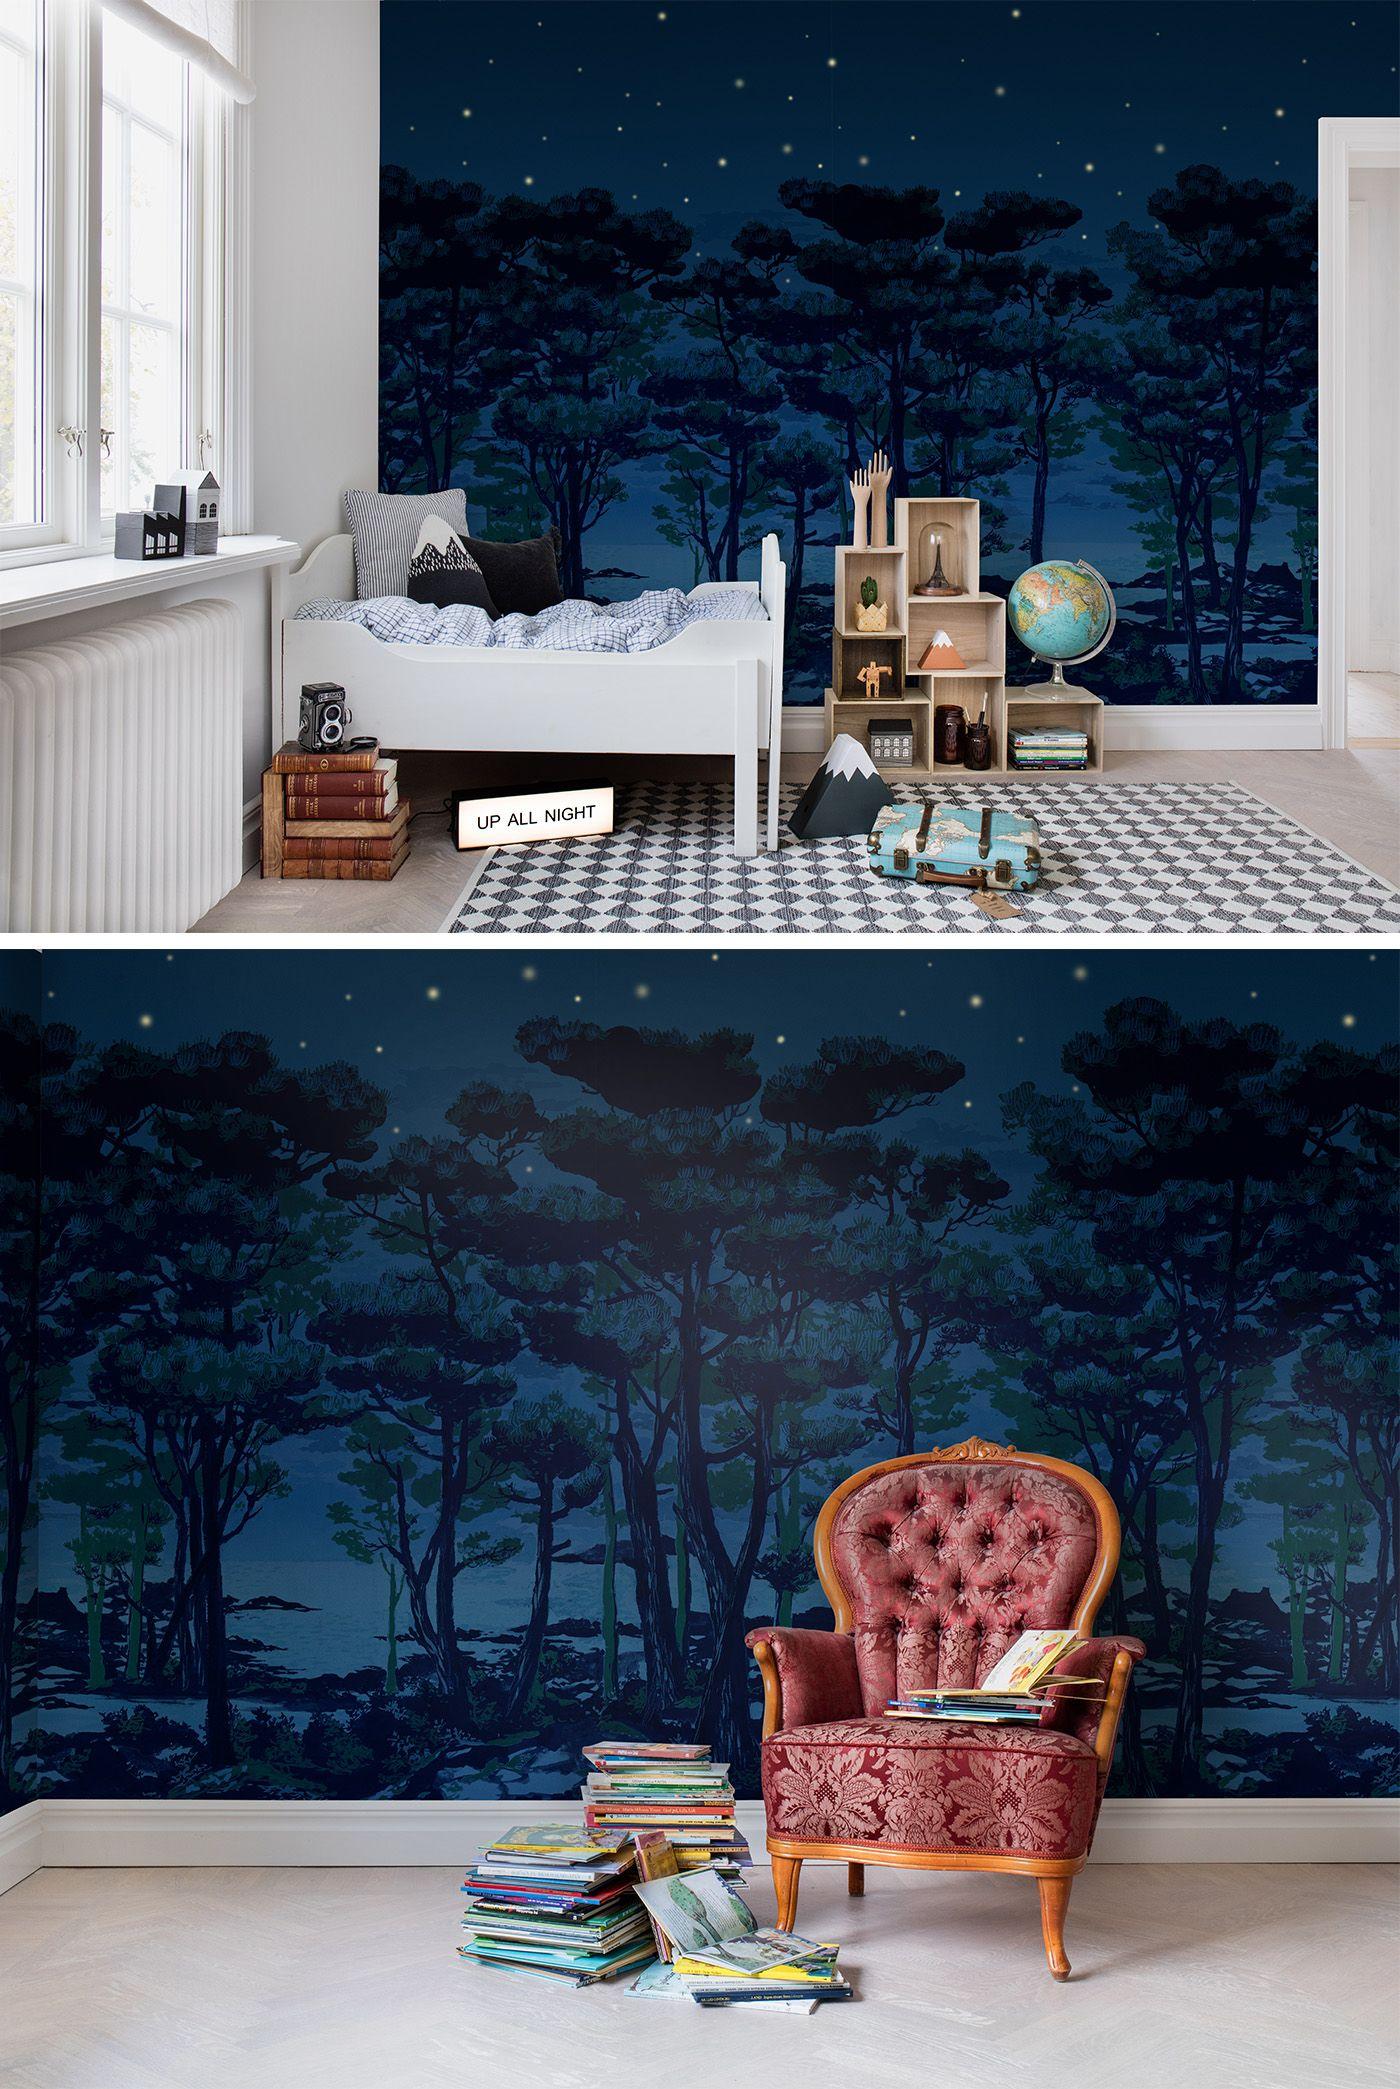 Full Size of The Enchanted Forest In 2020 Kinderzimmer Tapete Fürstenhof Bad Griesbach Spiegelschrank Für Regal Kleidung Boden Badezimmer Moderne Bilder Fürs Wohnzimmer Kinderzimmer Tapeten Für Kinderzimmer